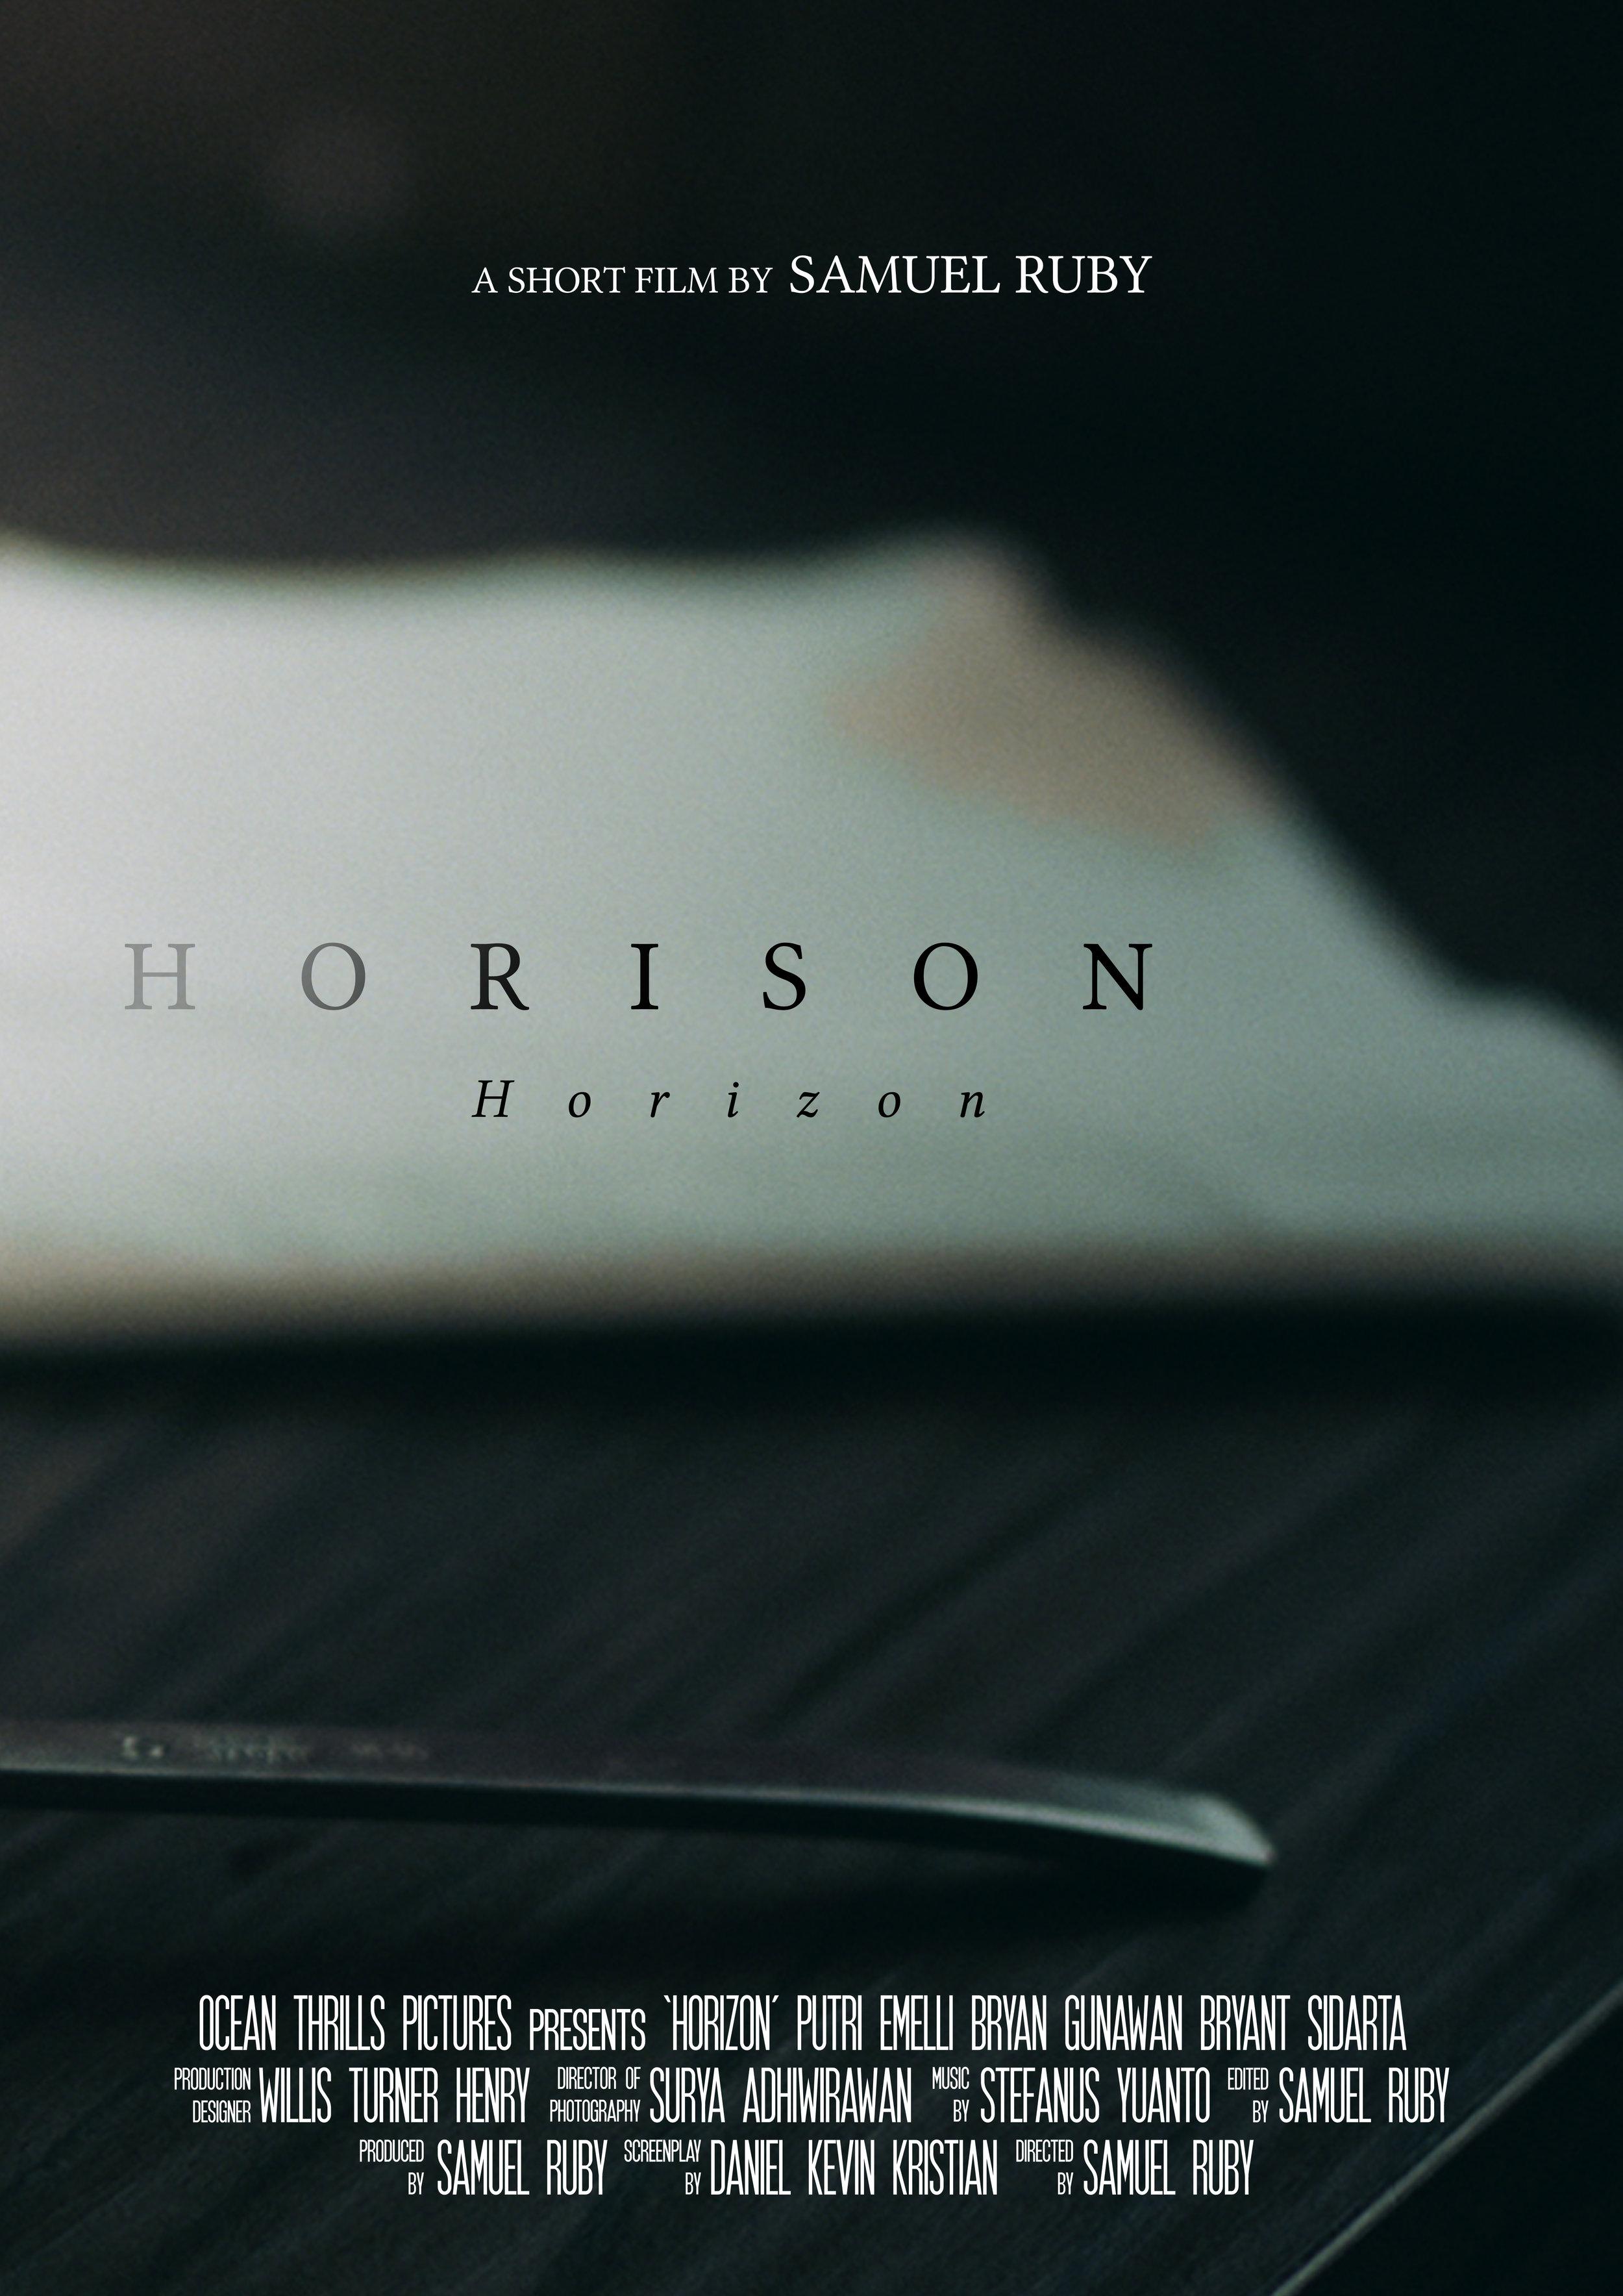 Horison_SamuelRuby_Poster.jpg